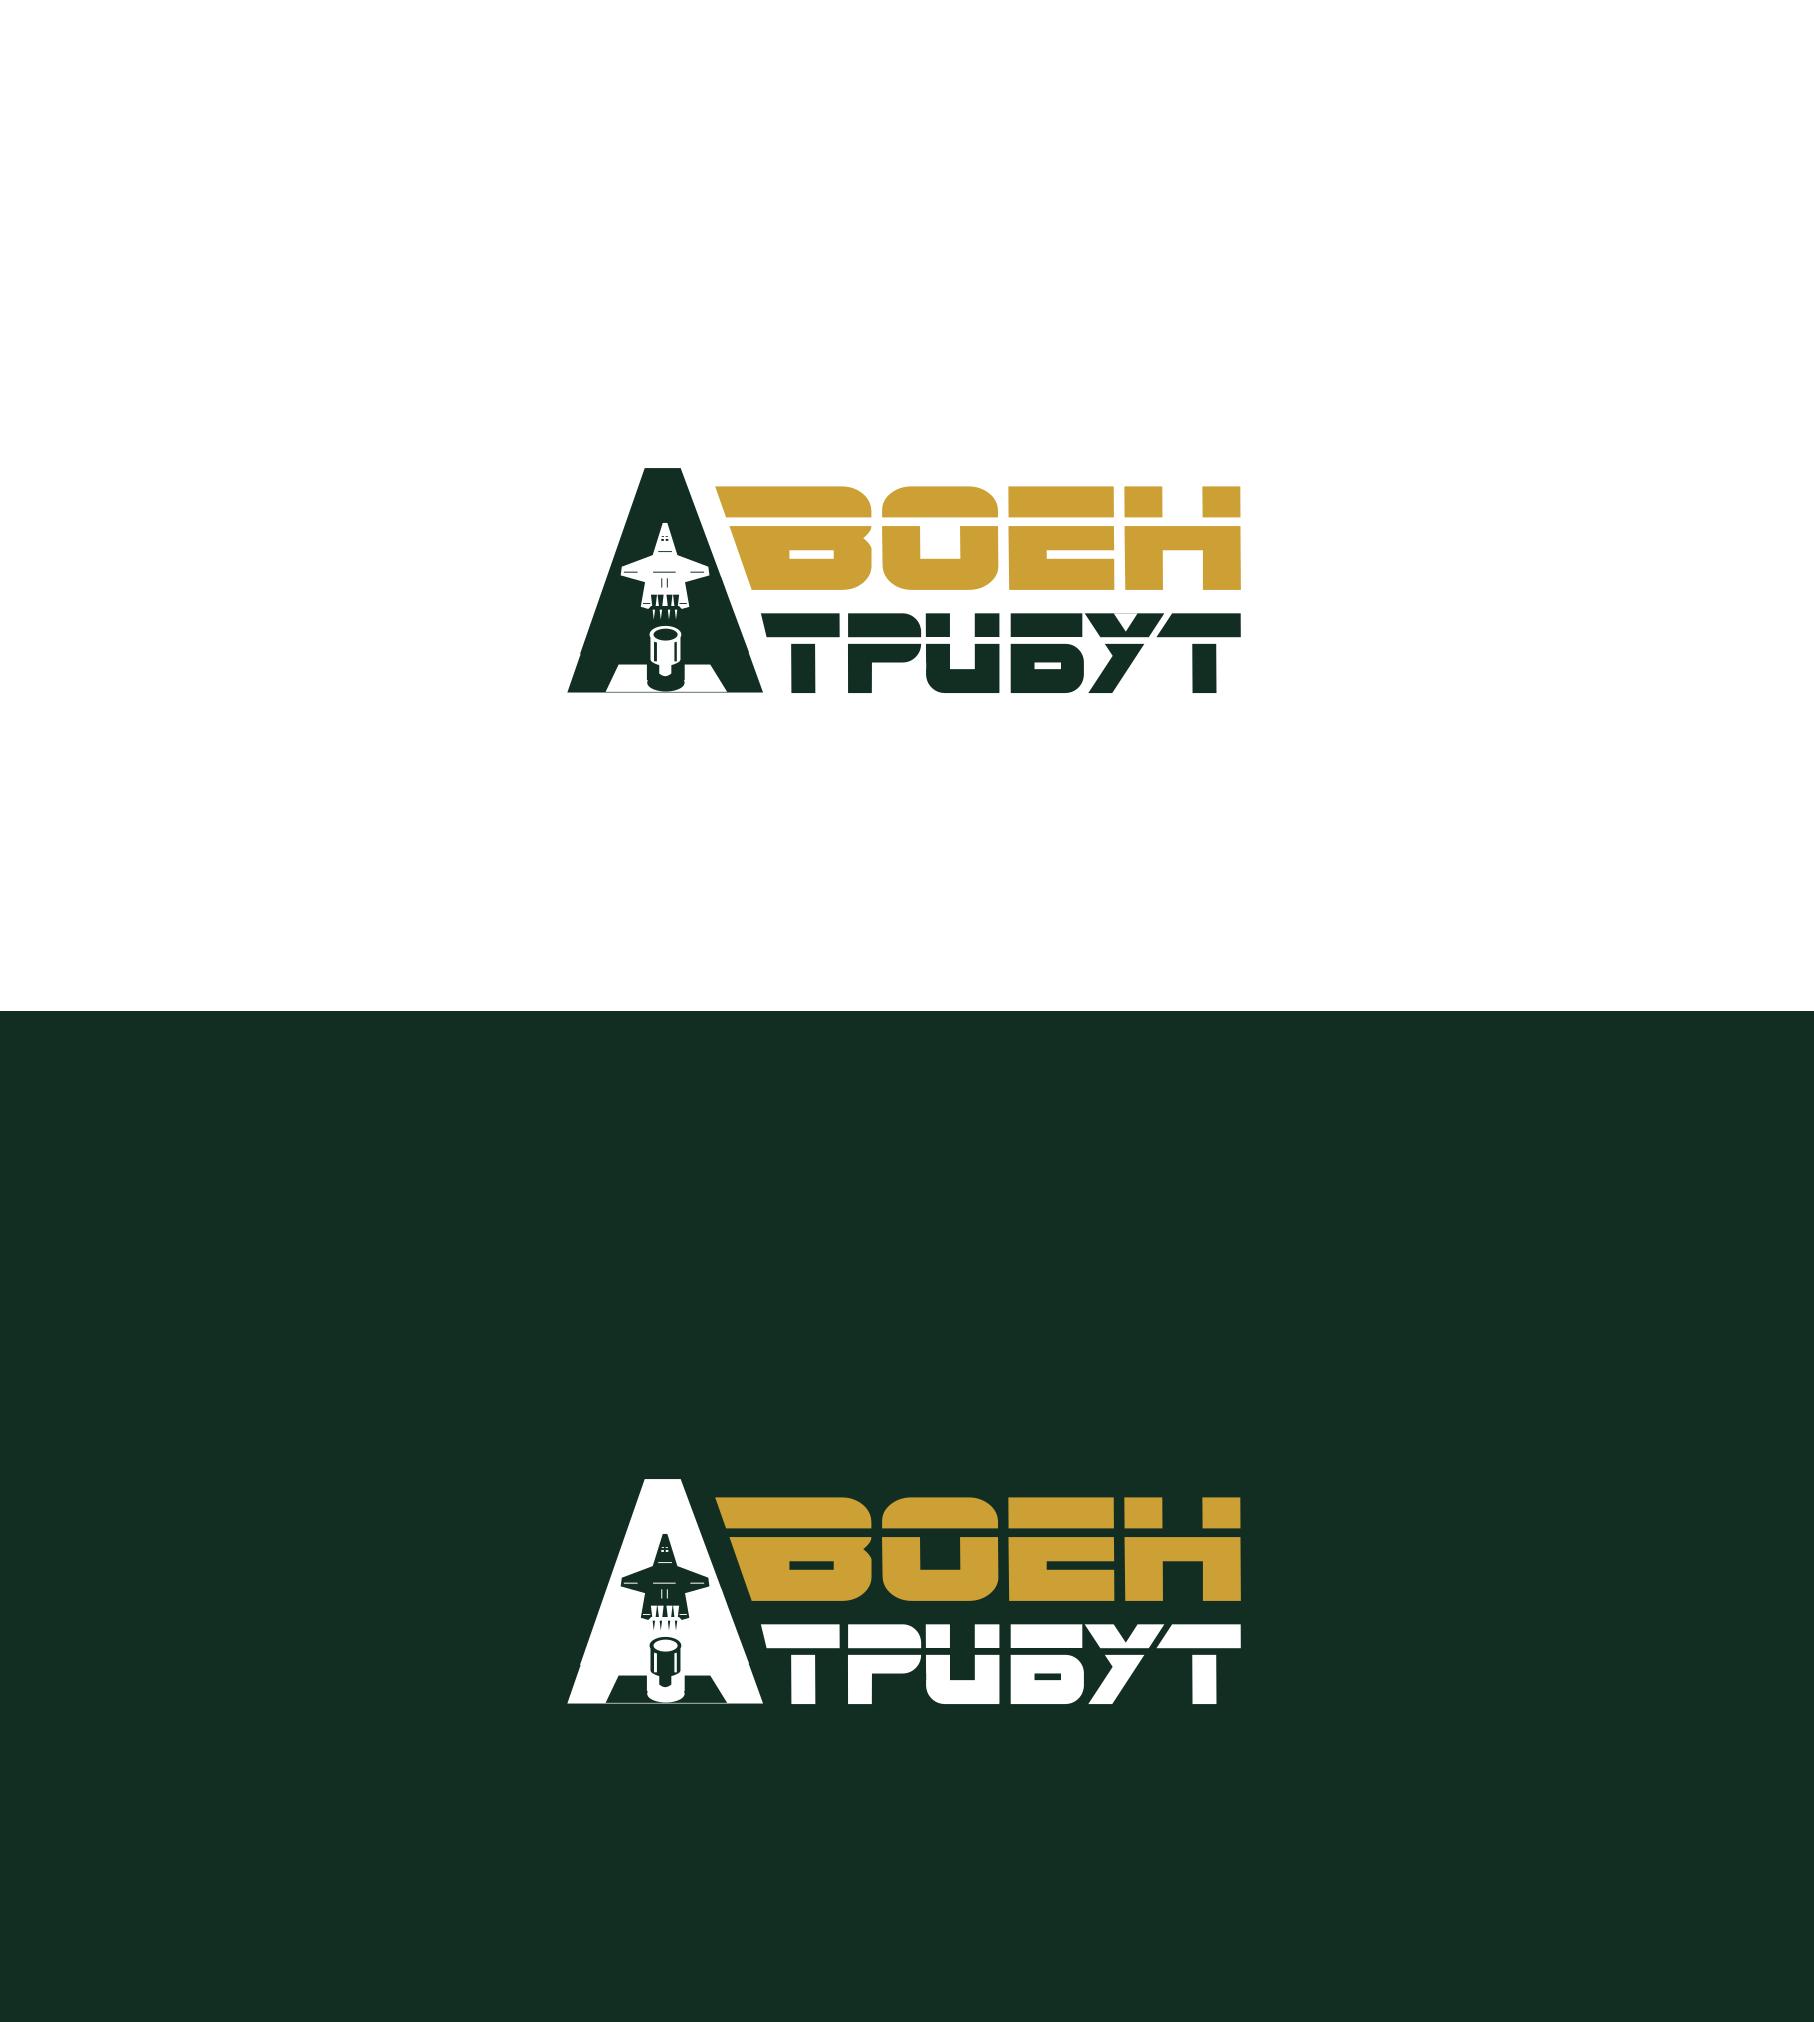 Разработка логотипа для компании военной тематики фото f_60760229ca85a563.png